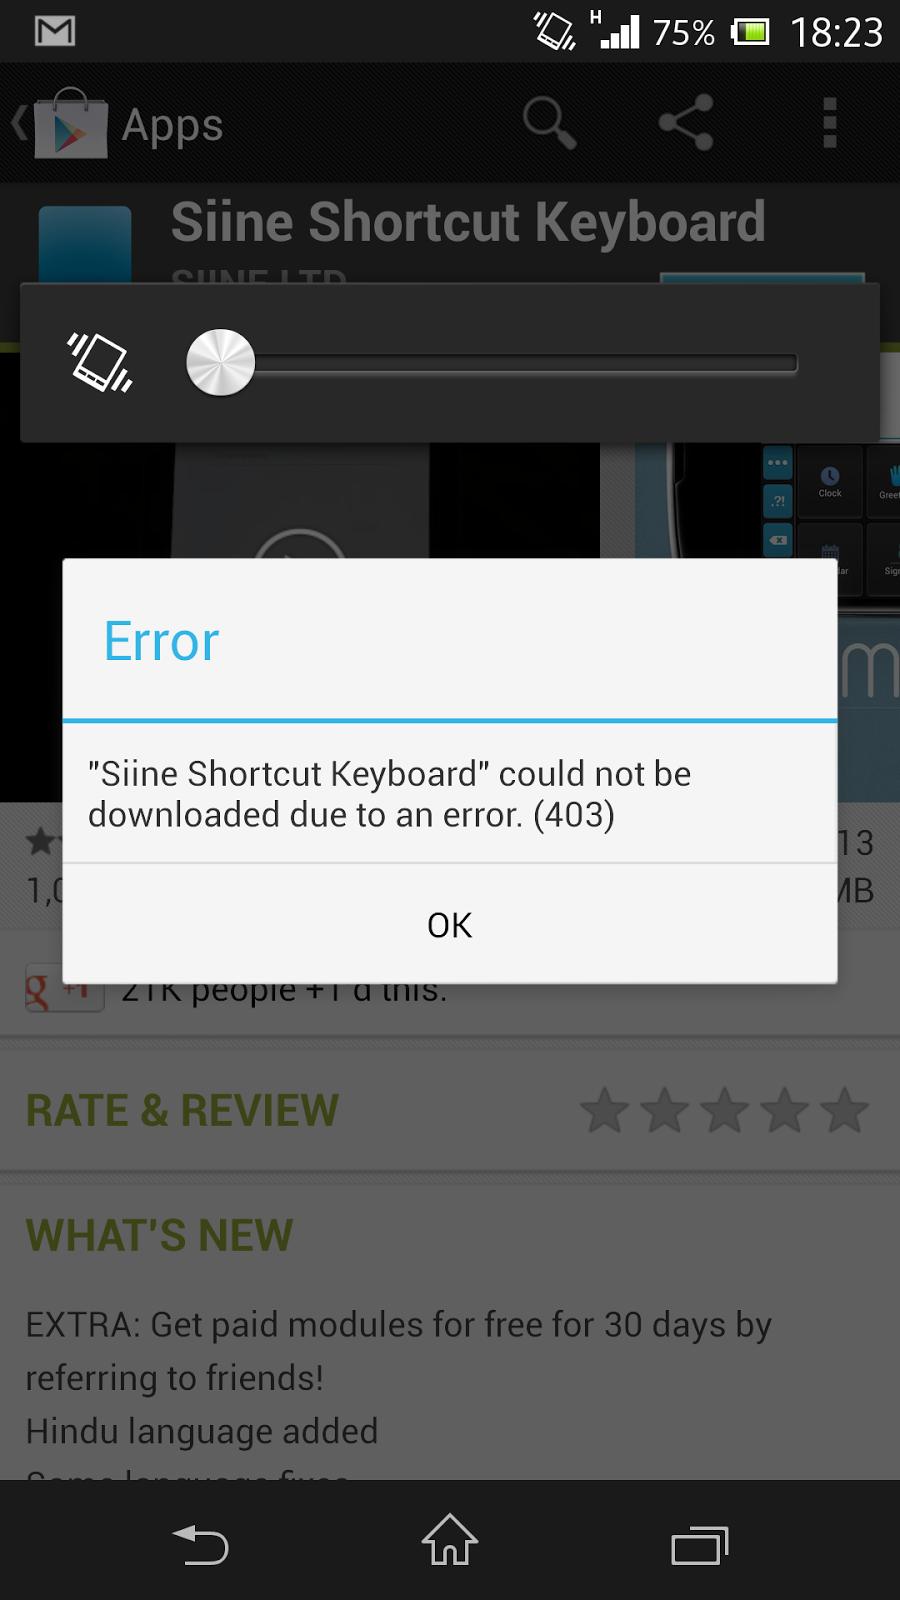 Mengatasi Kesalahan Saat Mengunduh 403 Google Play Store